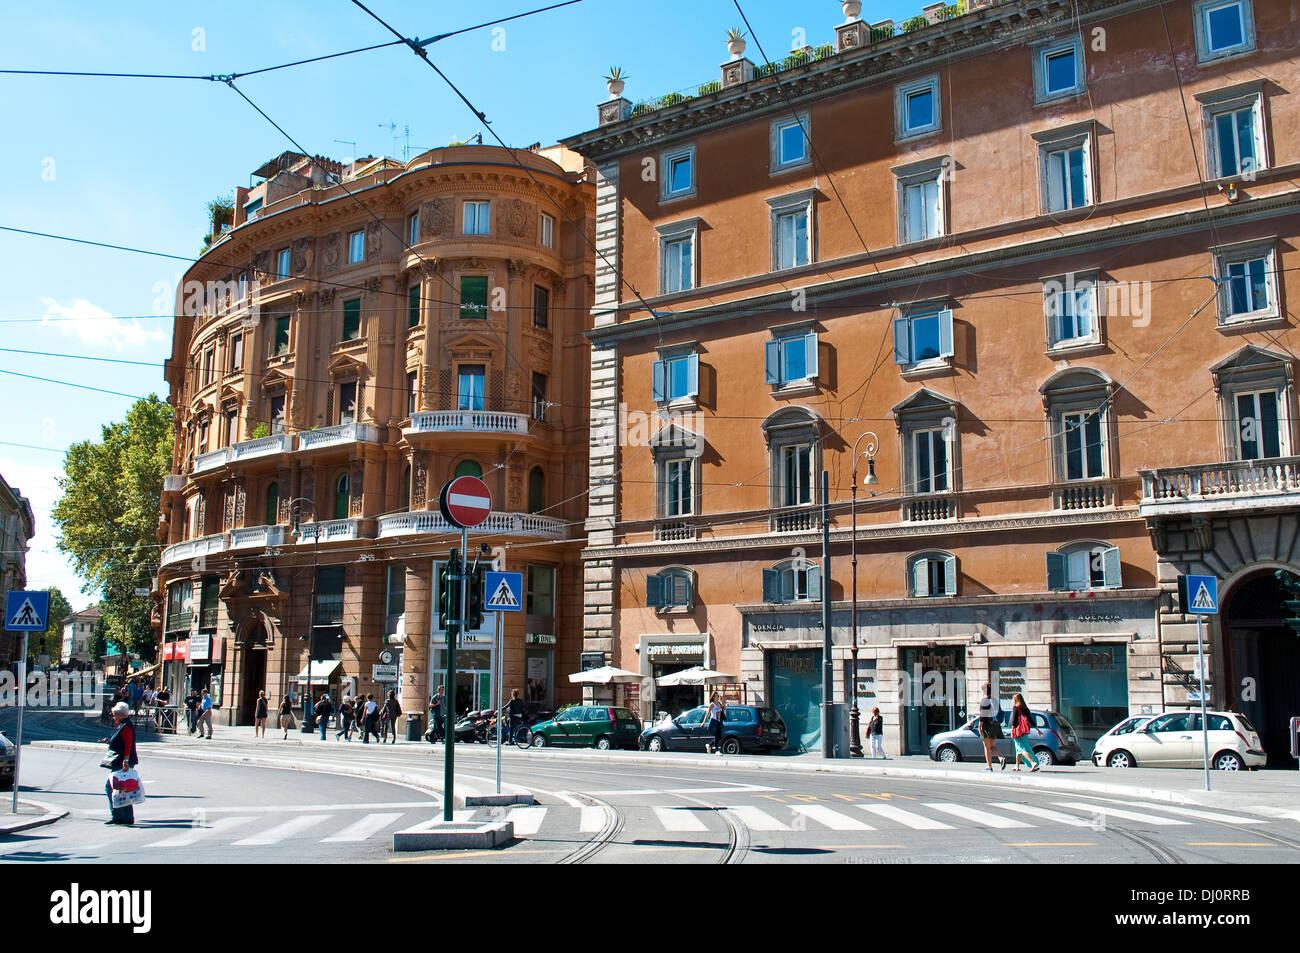 Square Largo di Torre Argentina, Campus Martius, Rome, Italy - Stock Image